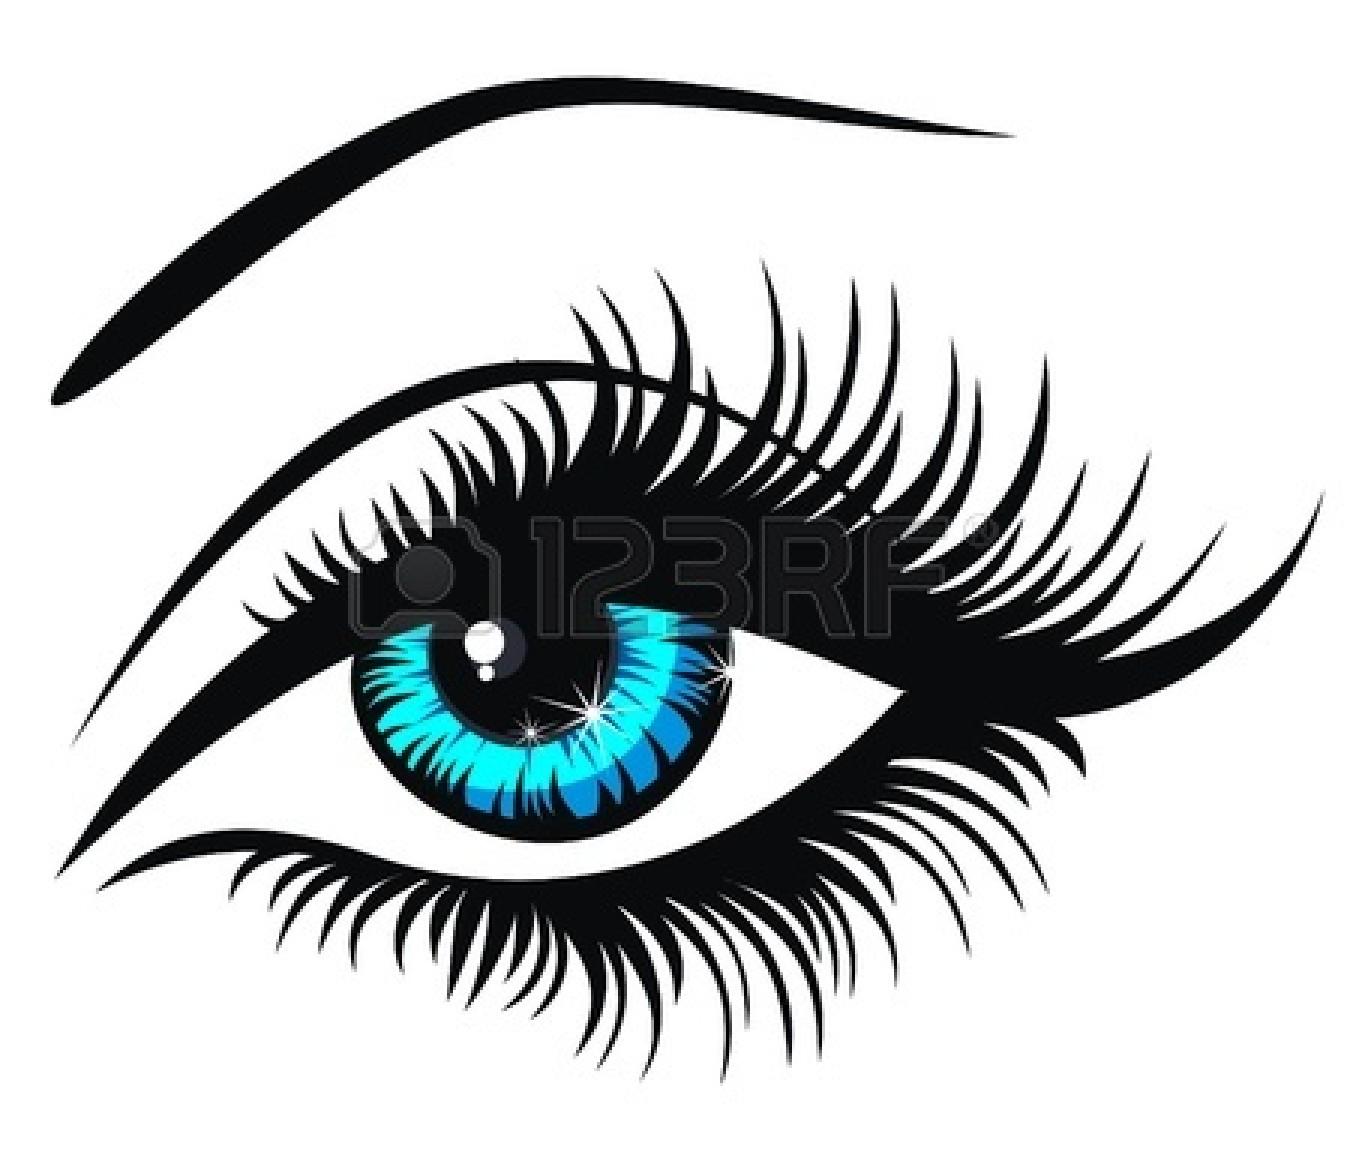 human eye clip art viewing clipart panda free clipart images rh clipartpanda com clipart of an eyeball free clipart of an eye